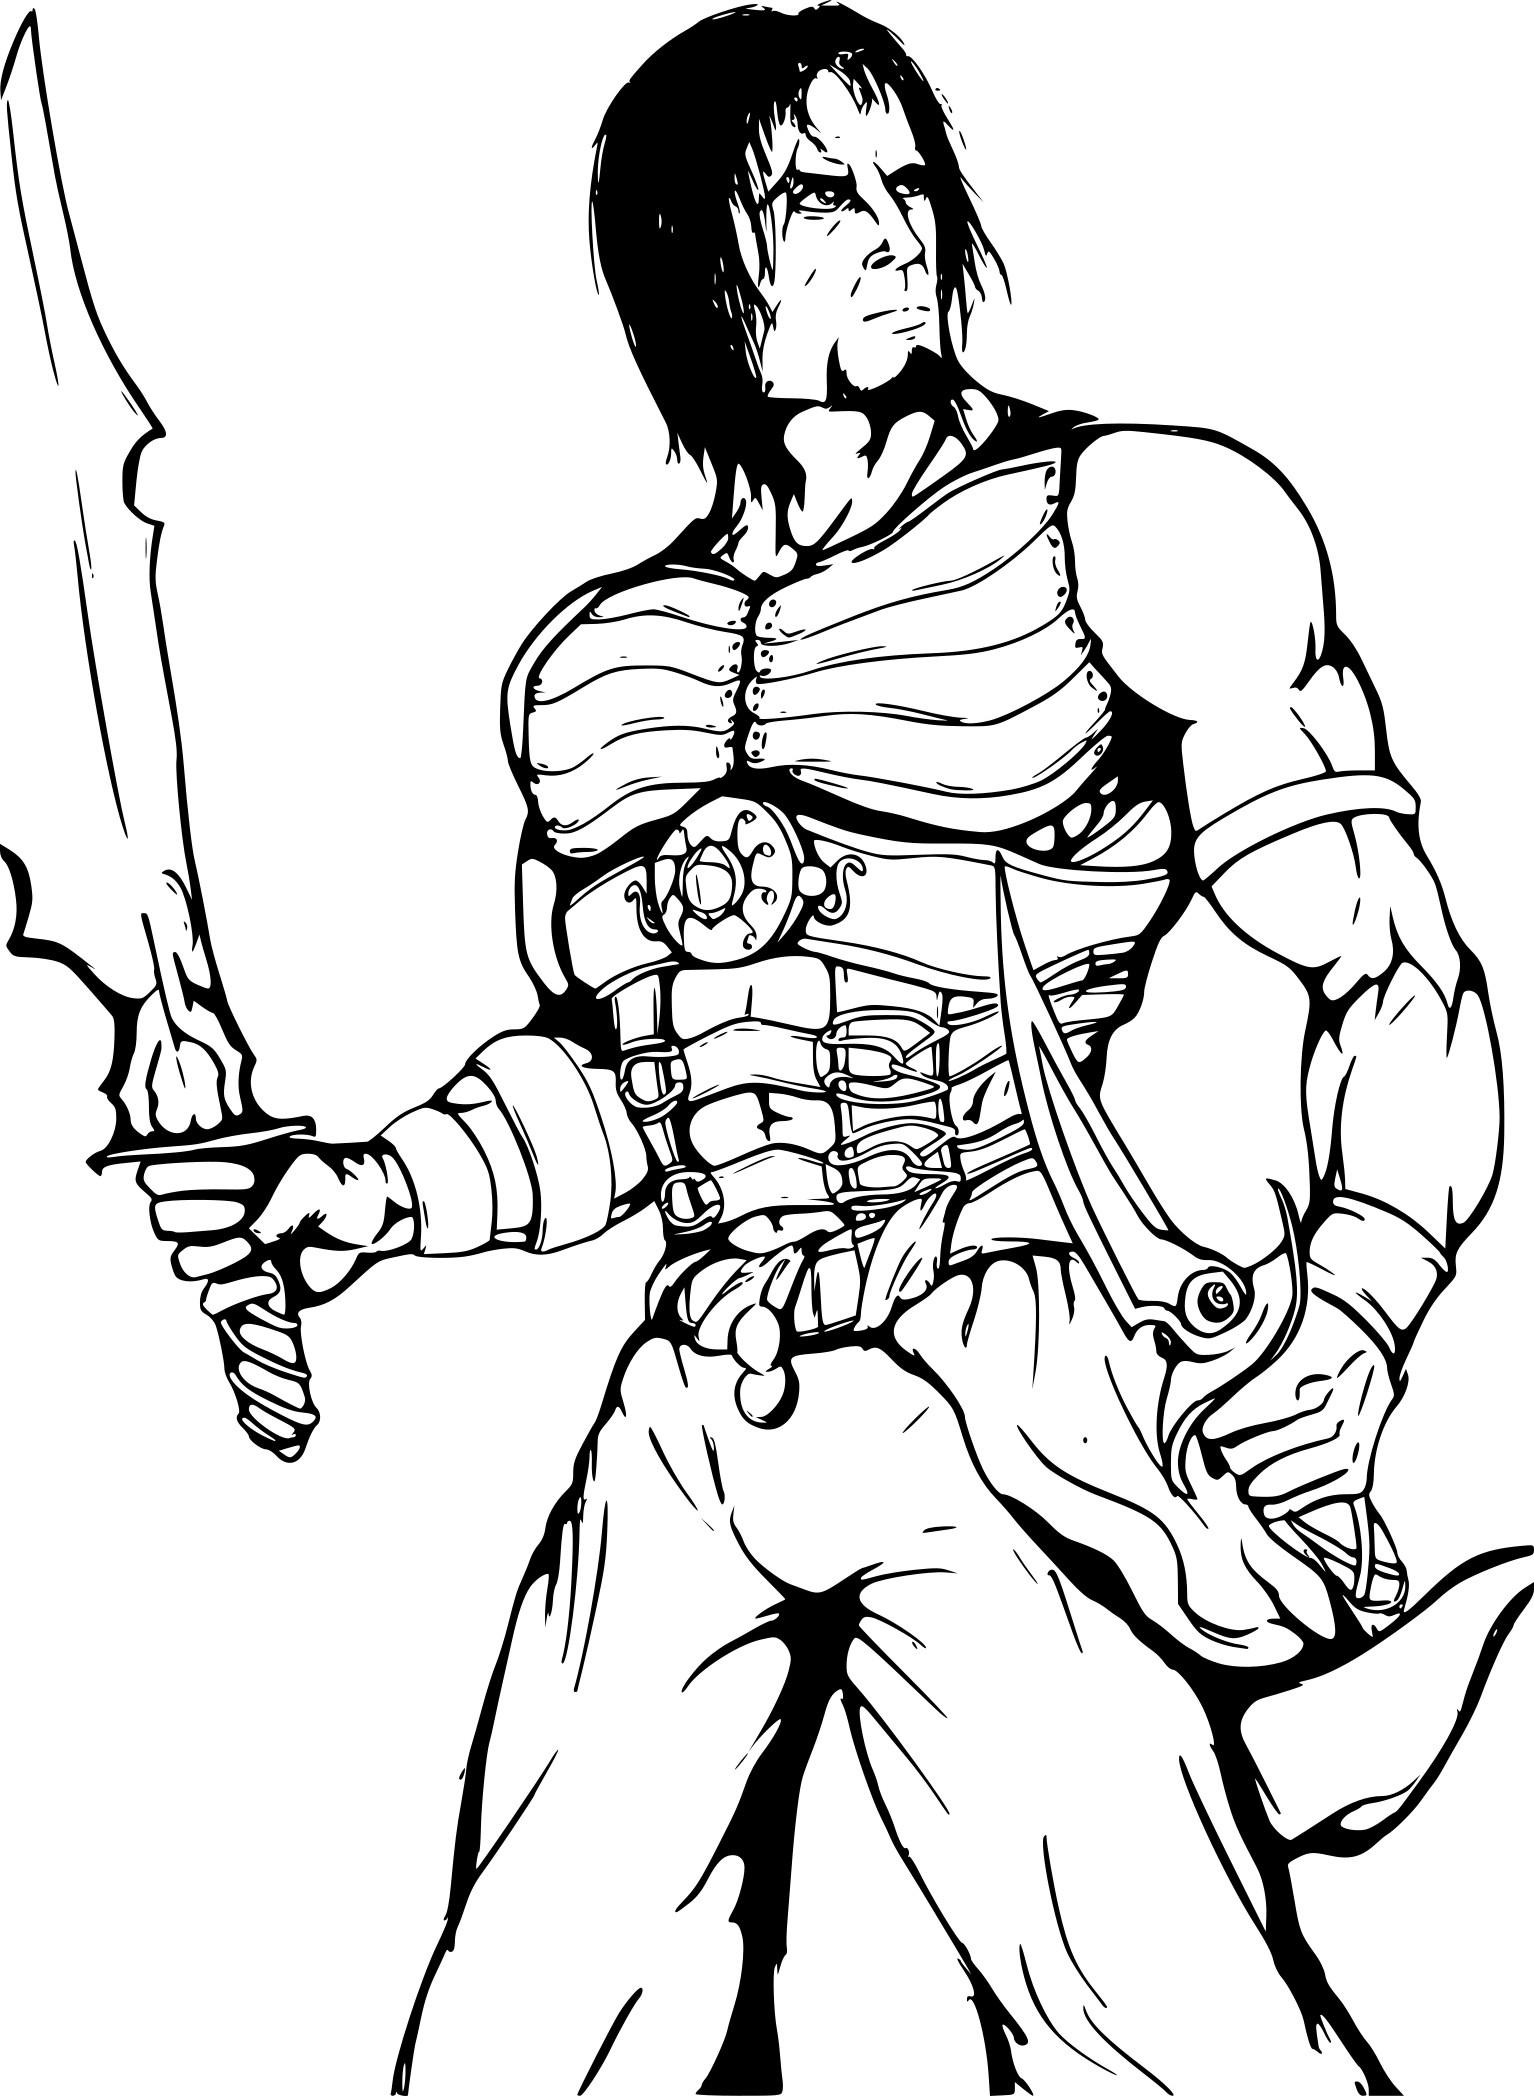 Coloriage Prince Of Persia À Imprimer Sur Coloriages tout Image De Dessin Animé A Colorier